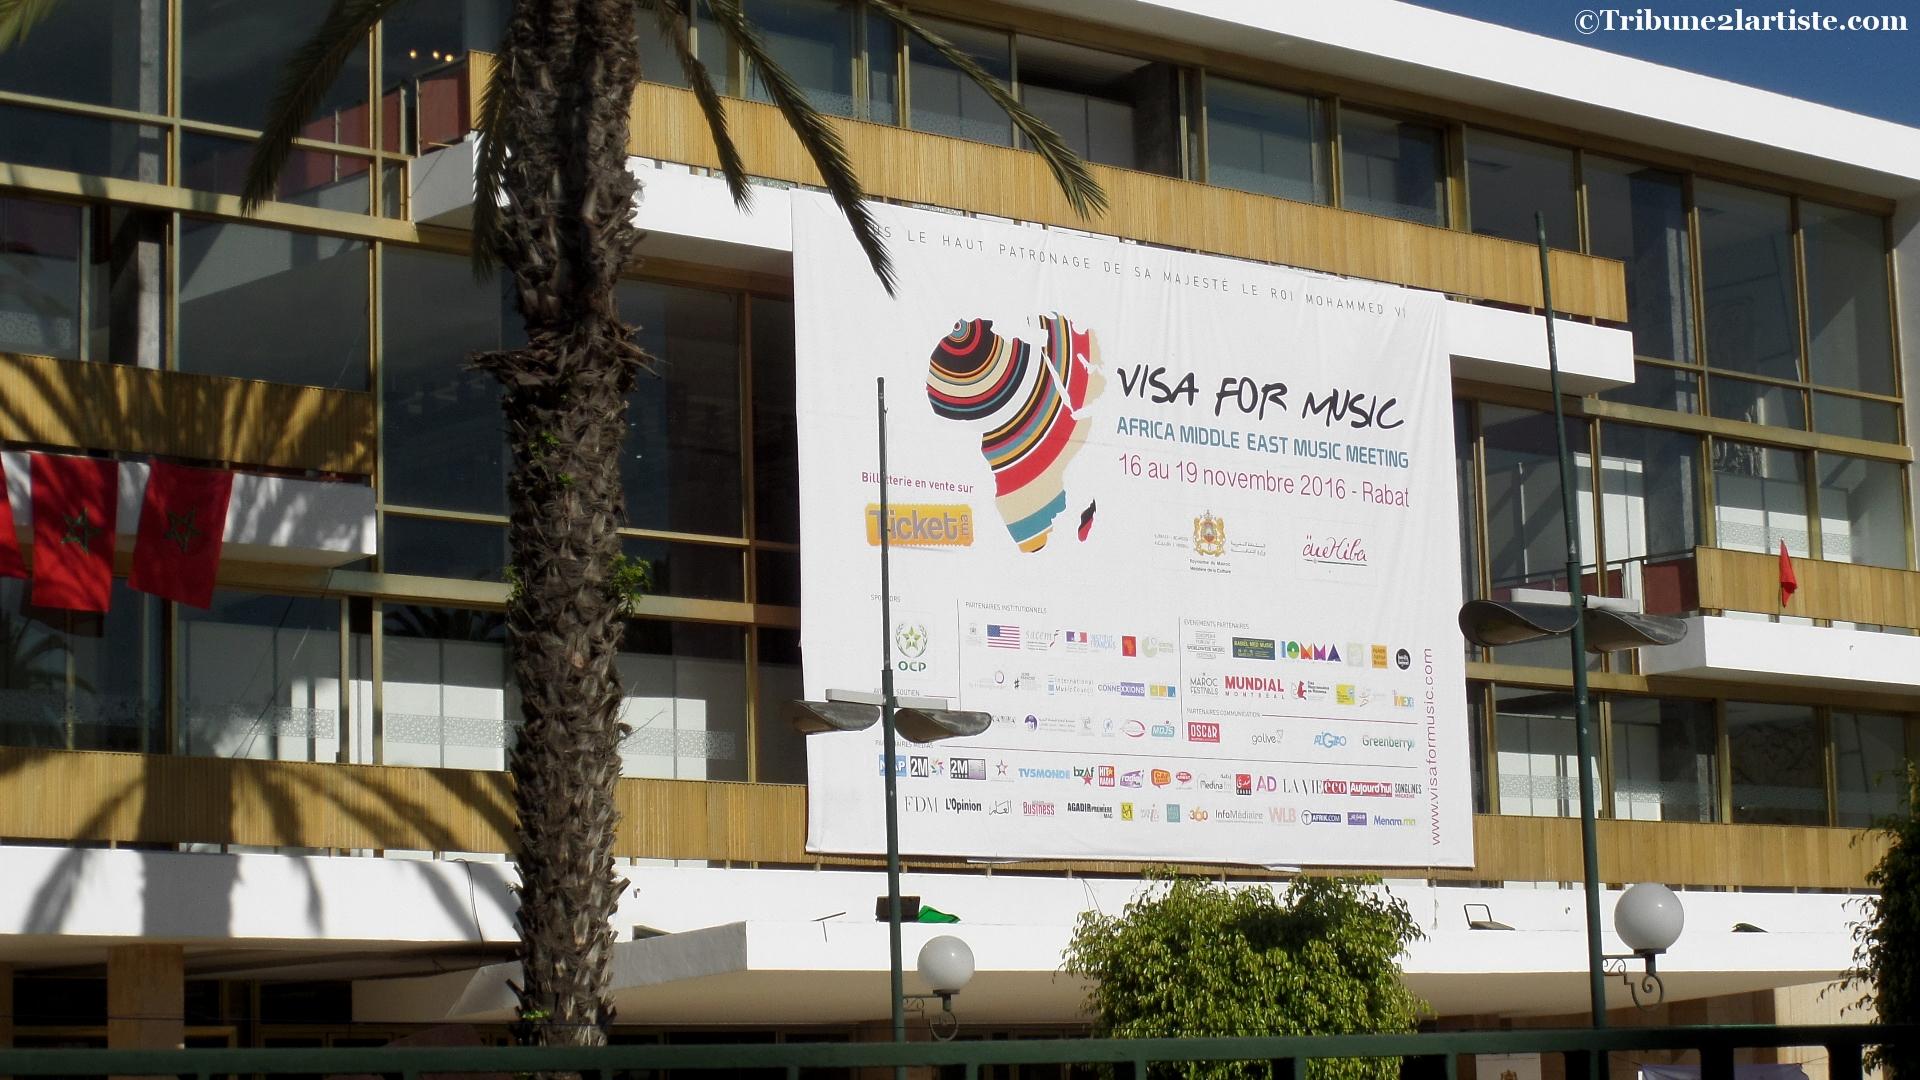 Visa for Music 2016,une troisième édition couronnée de succès.